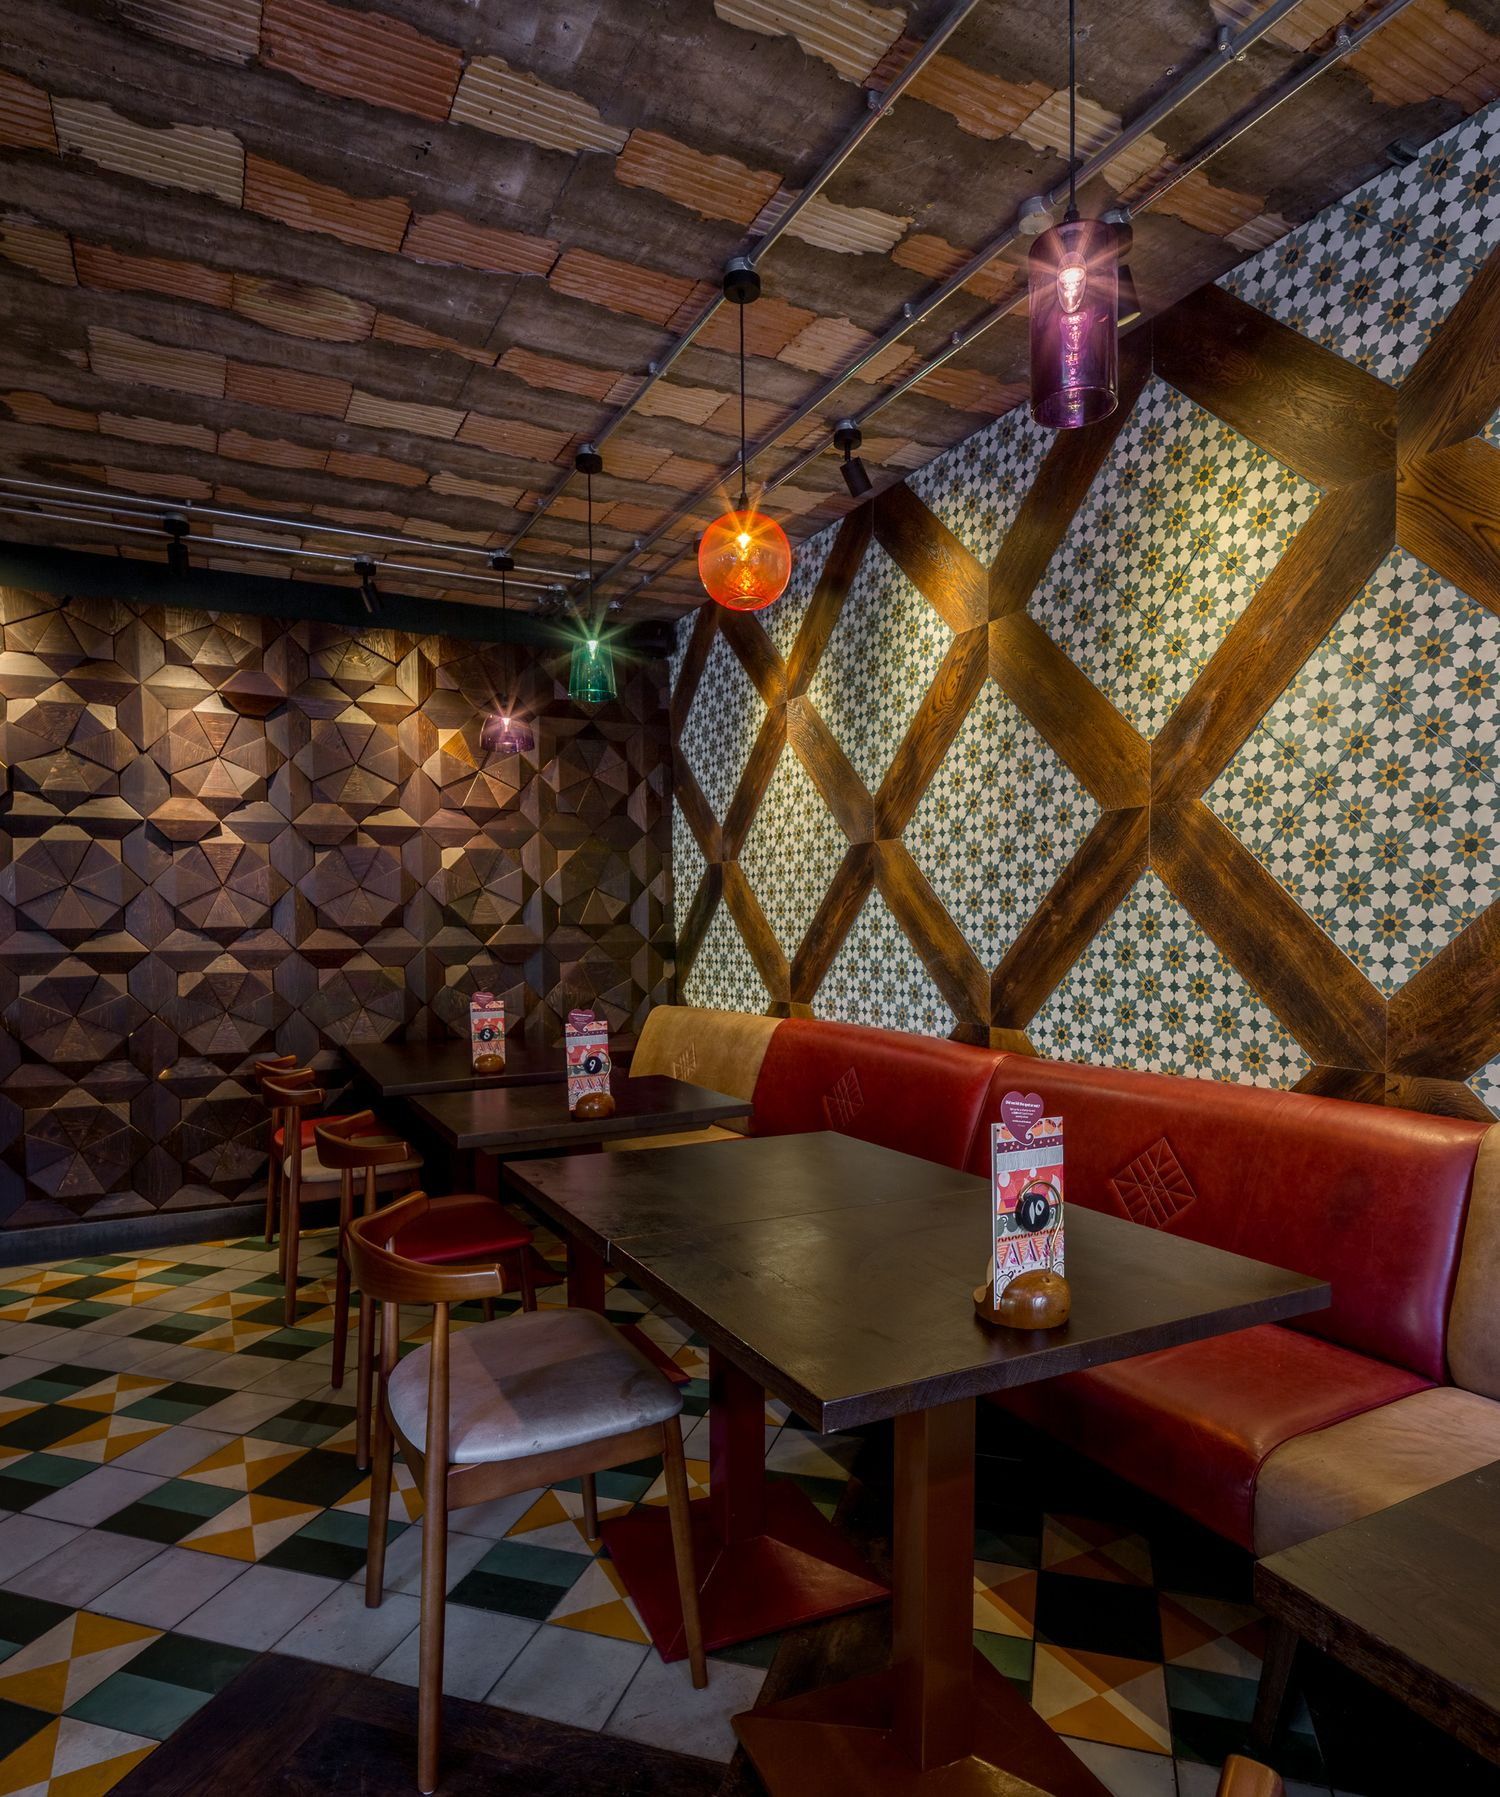 restaurant | nando's headingley, leeds, ukmoreno masey